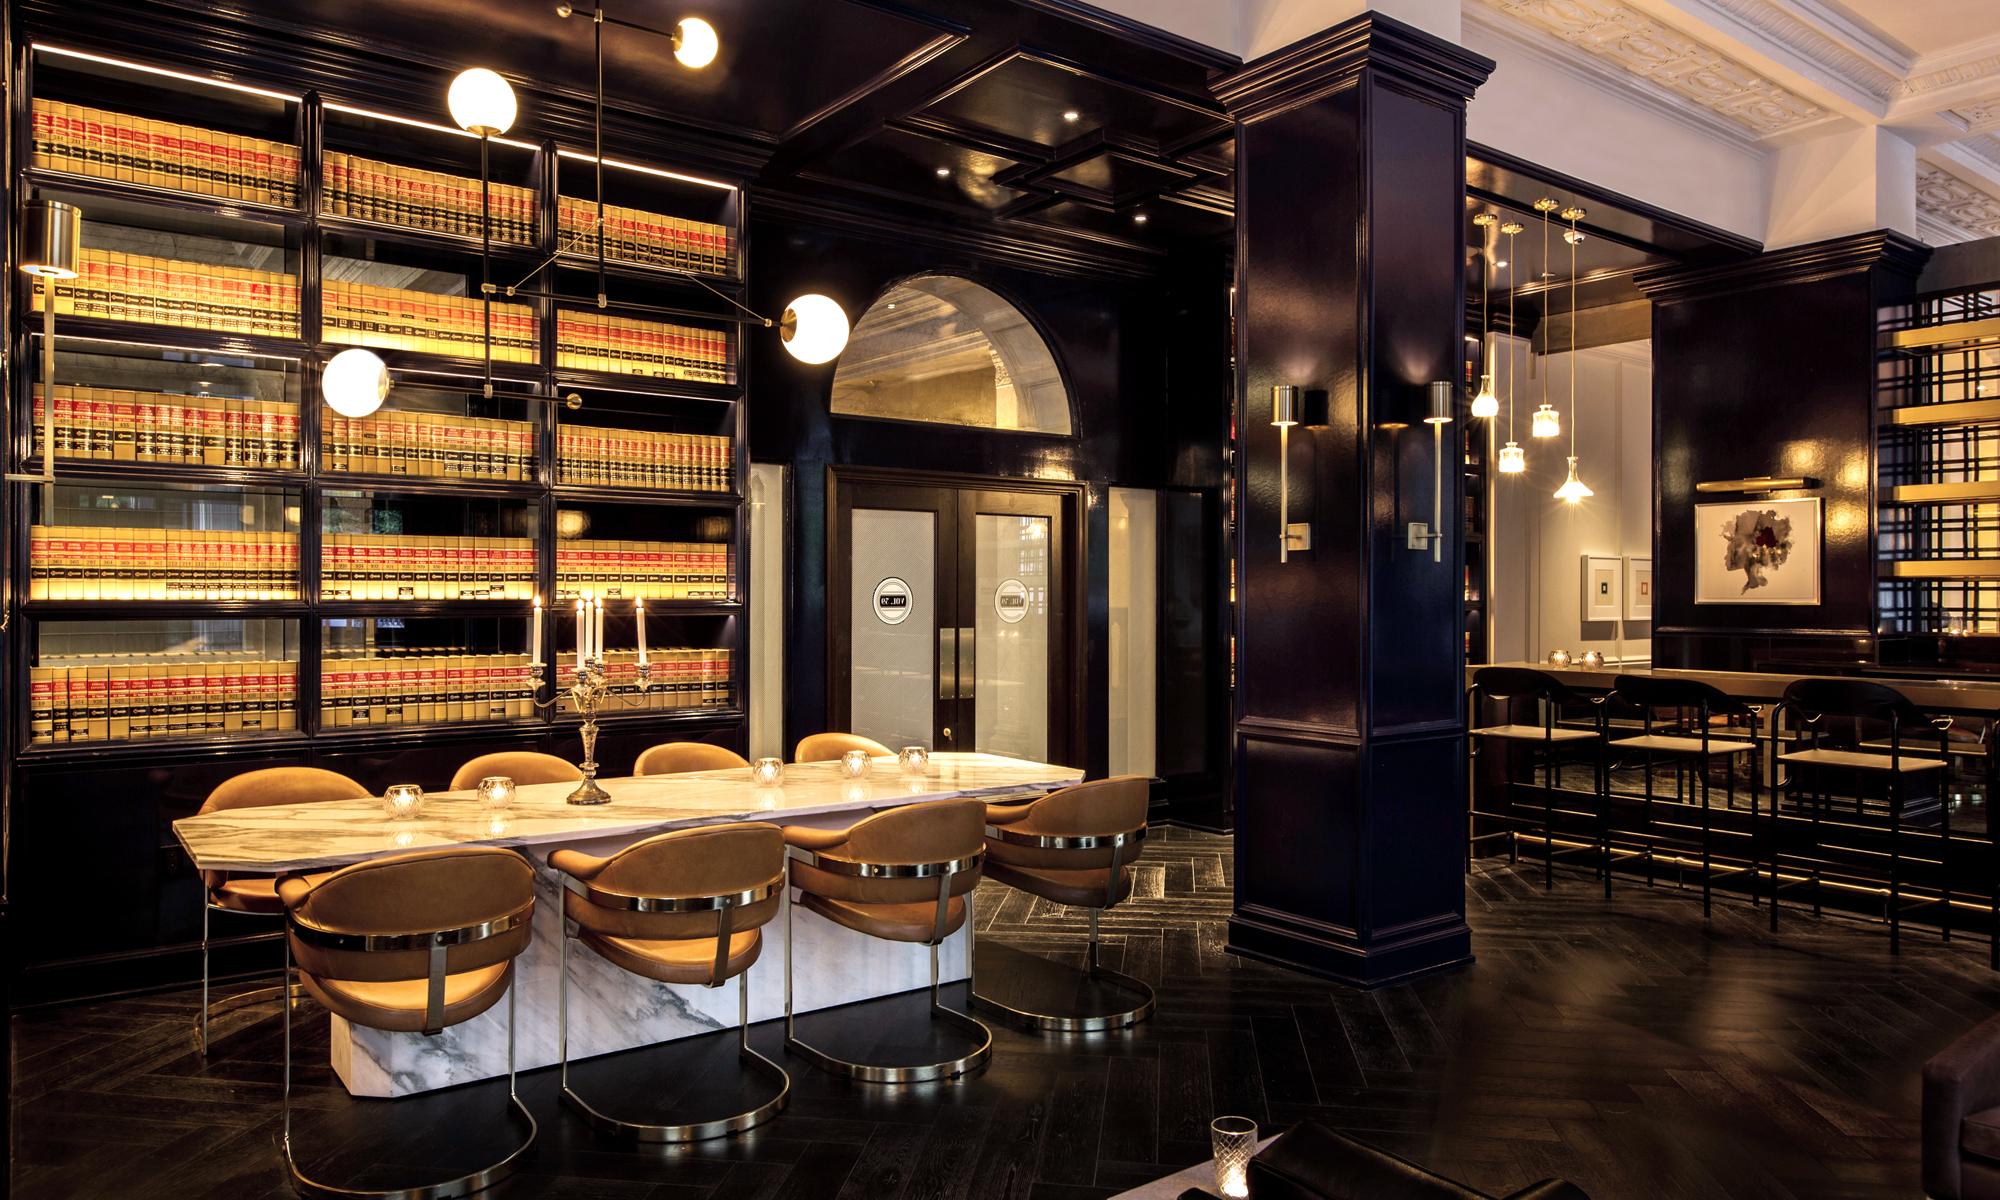 beleco_interiors_vol39_bar_chicago_01